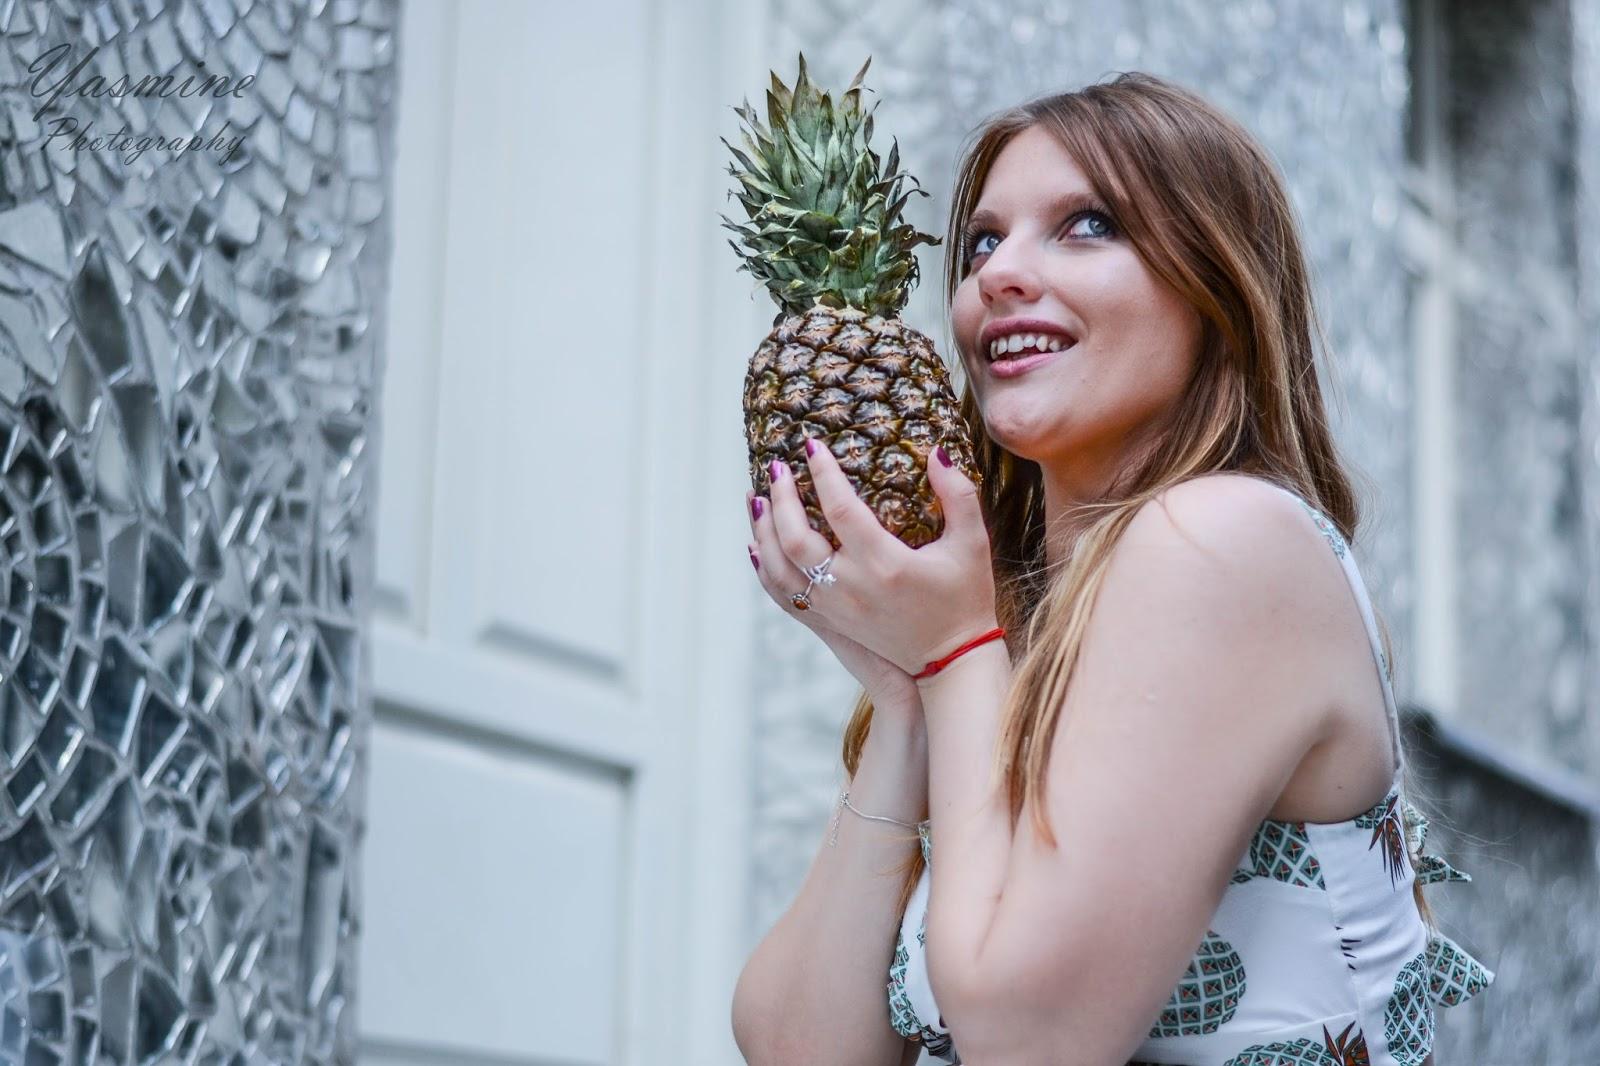 czy warto kupowac na stronach chińskich sklepów zaful sammydress dresslink sukienka w ananasy chińskie sklepy internetowe jakość pineapple dress fashion style melodylaniella yasmine photography g